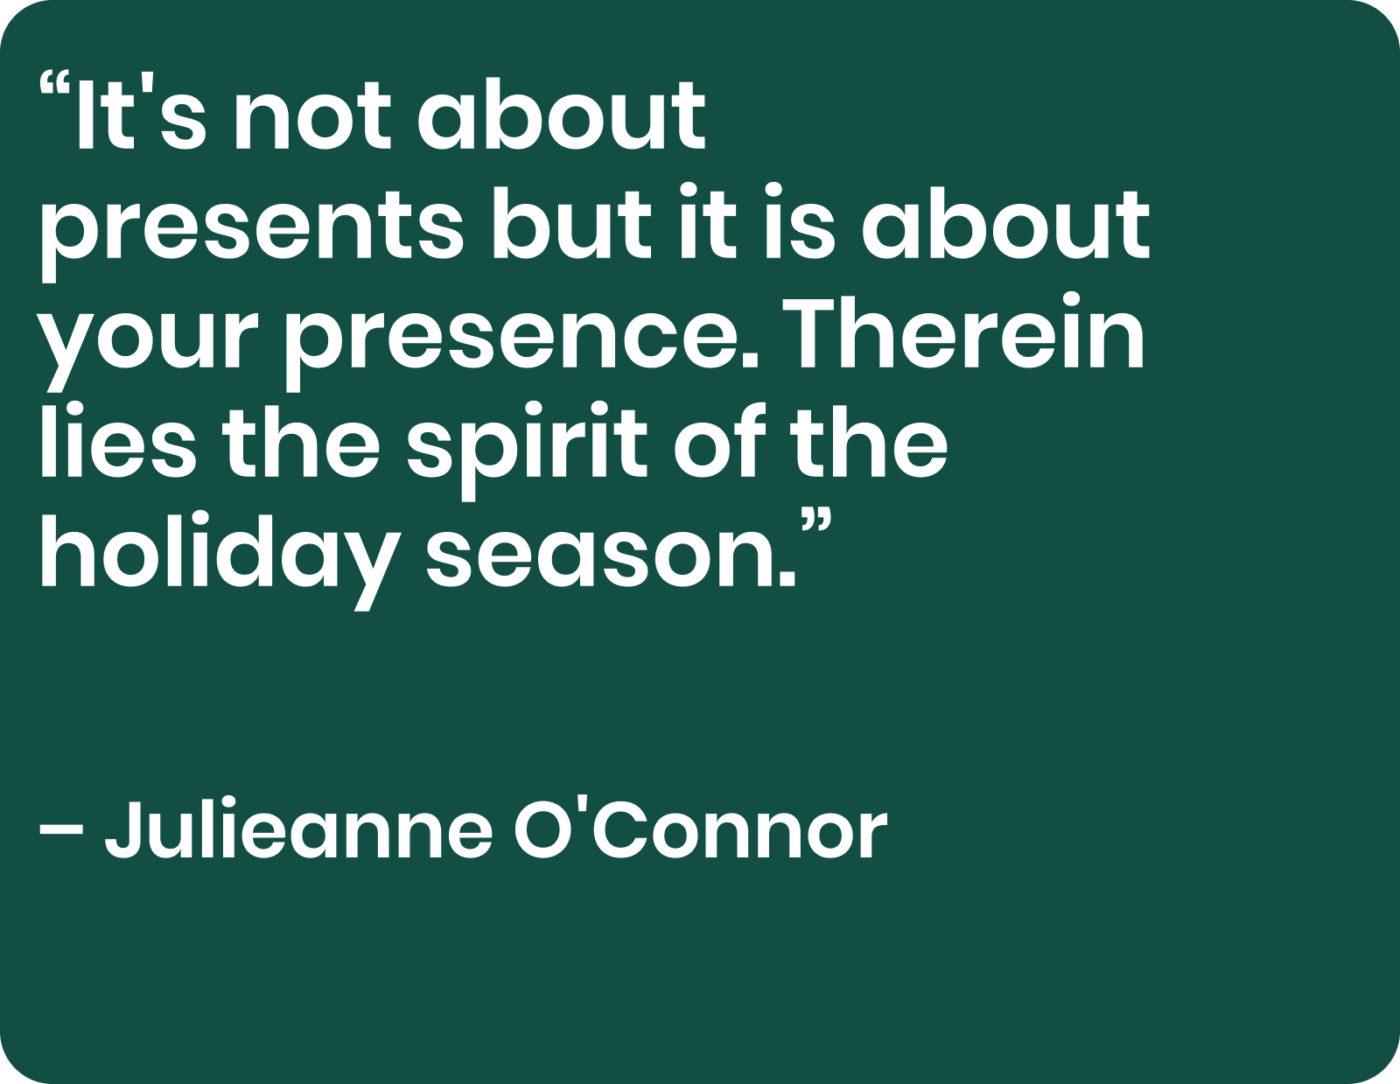 Julieanne O'Connor